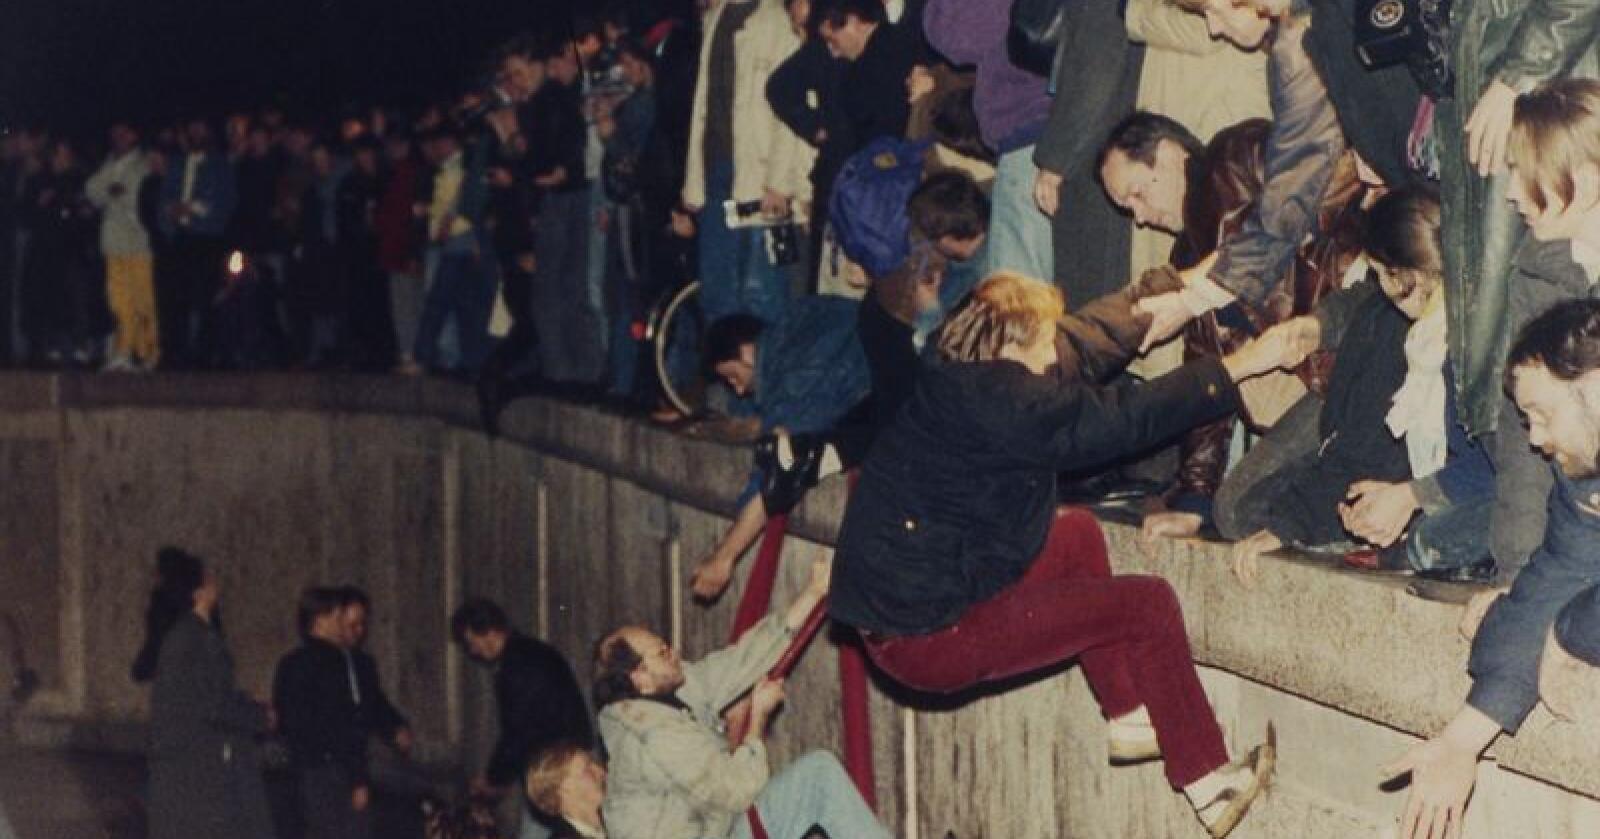 Innbyggere i Øst-Berlin får hjelp av folk fra vest til å klatre over Berlinmuren 10. november 1989. Foto: Jockel Finck / AP / NTB scanpix